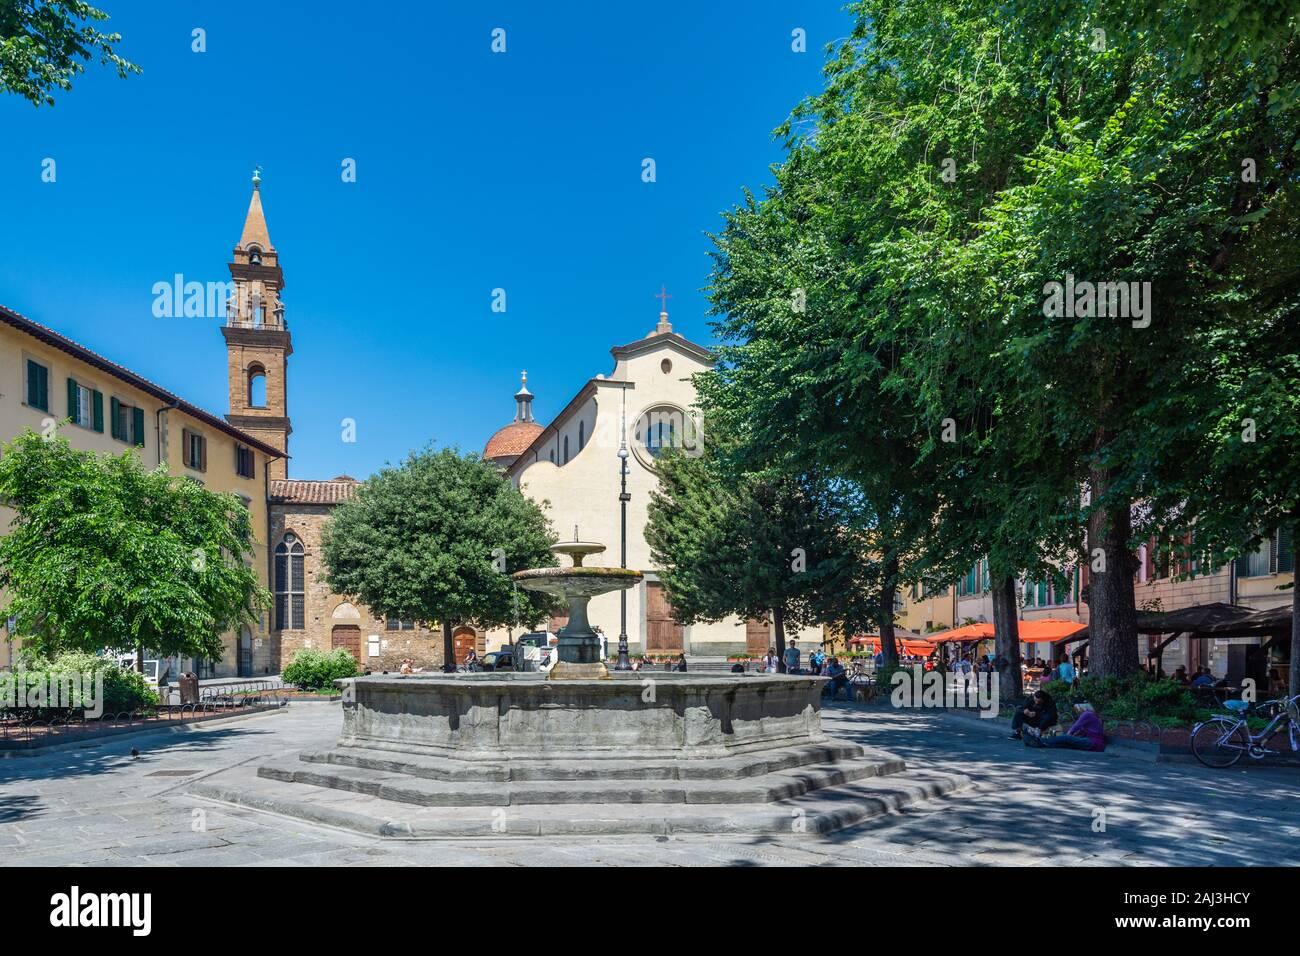 Florencia, Italia - 5 de junio de 2019 : La Basílica de Santo Spirito (Basílica del Espíritu Santo) es una iglesia frente a la plaza con el mismo nombre. El int Foto de stock